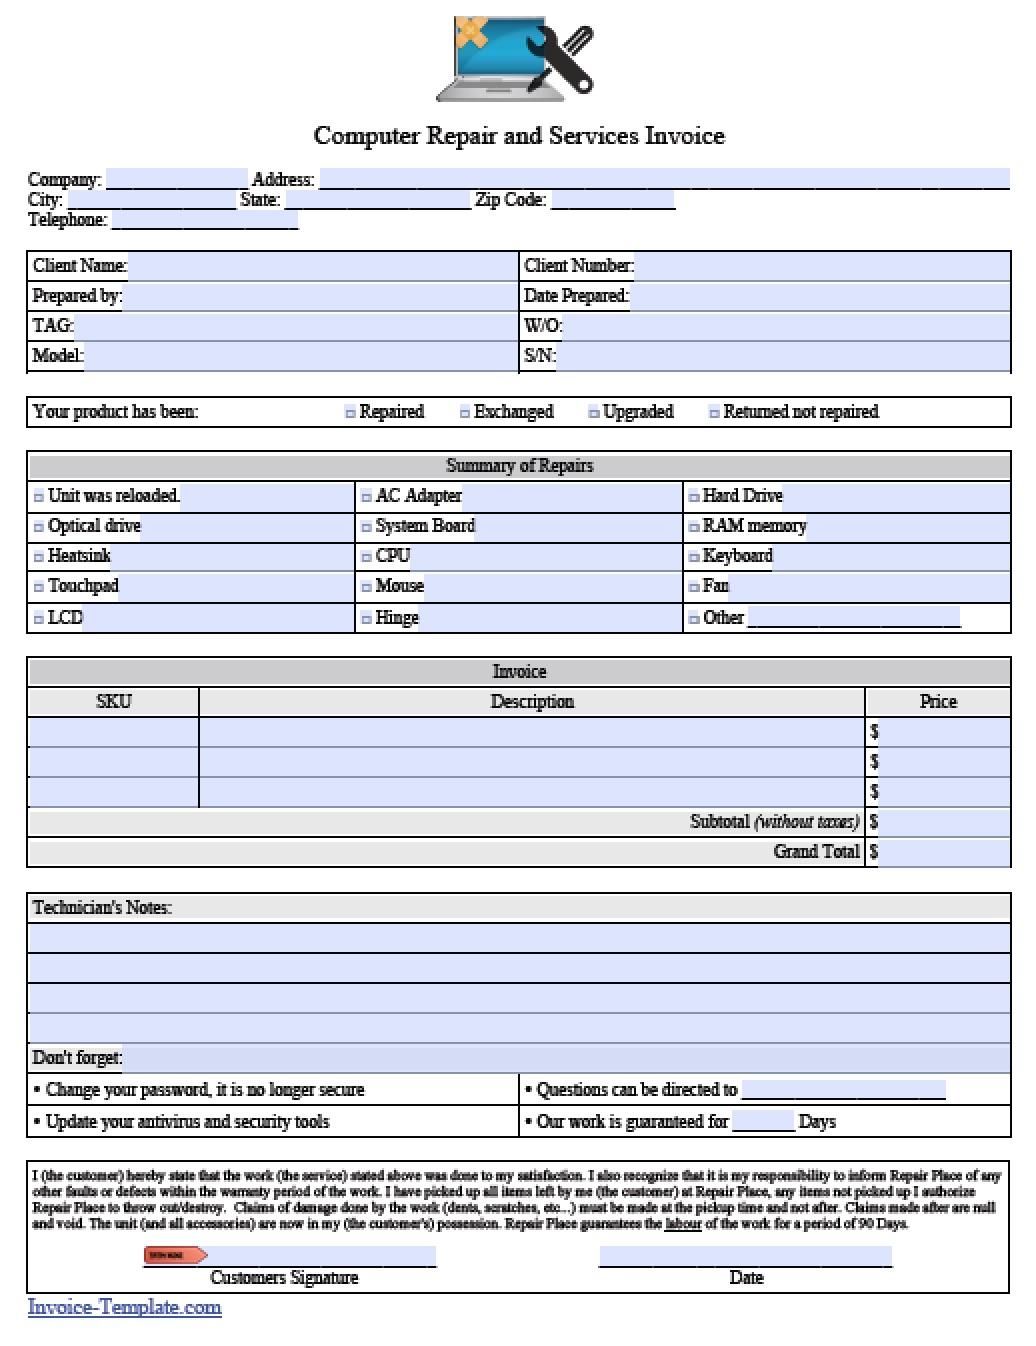 Computer Repair Invoice Template Pdf Invoice Example